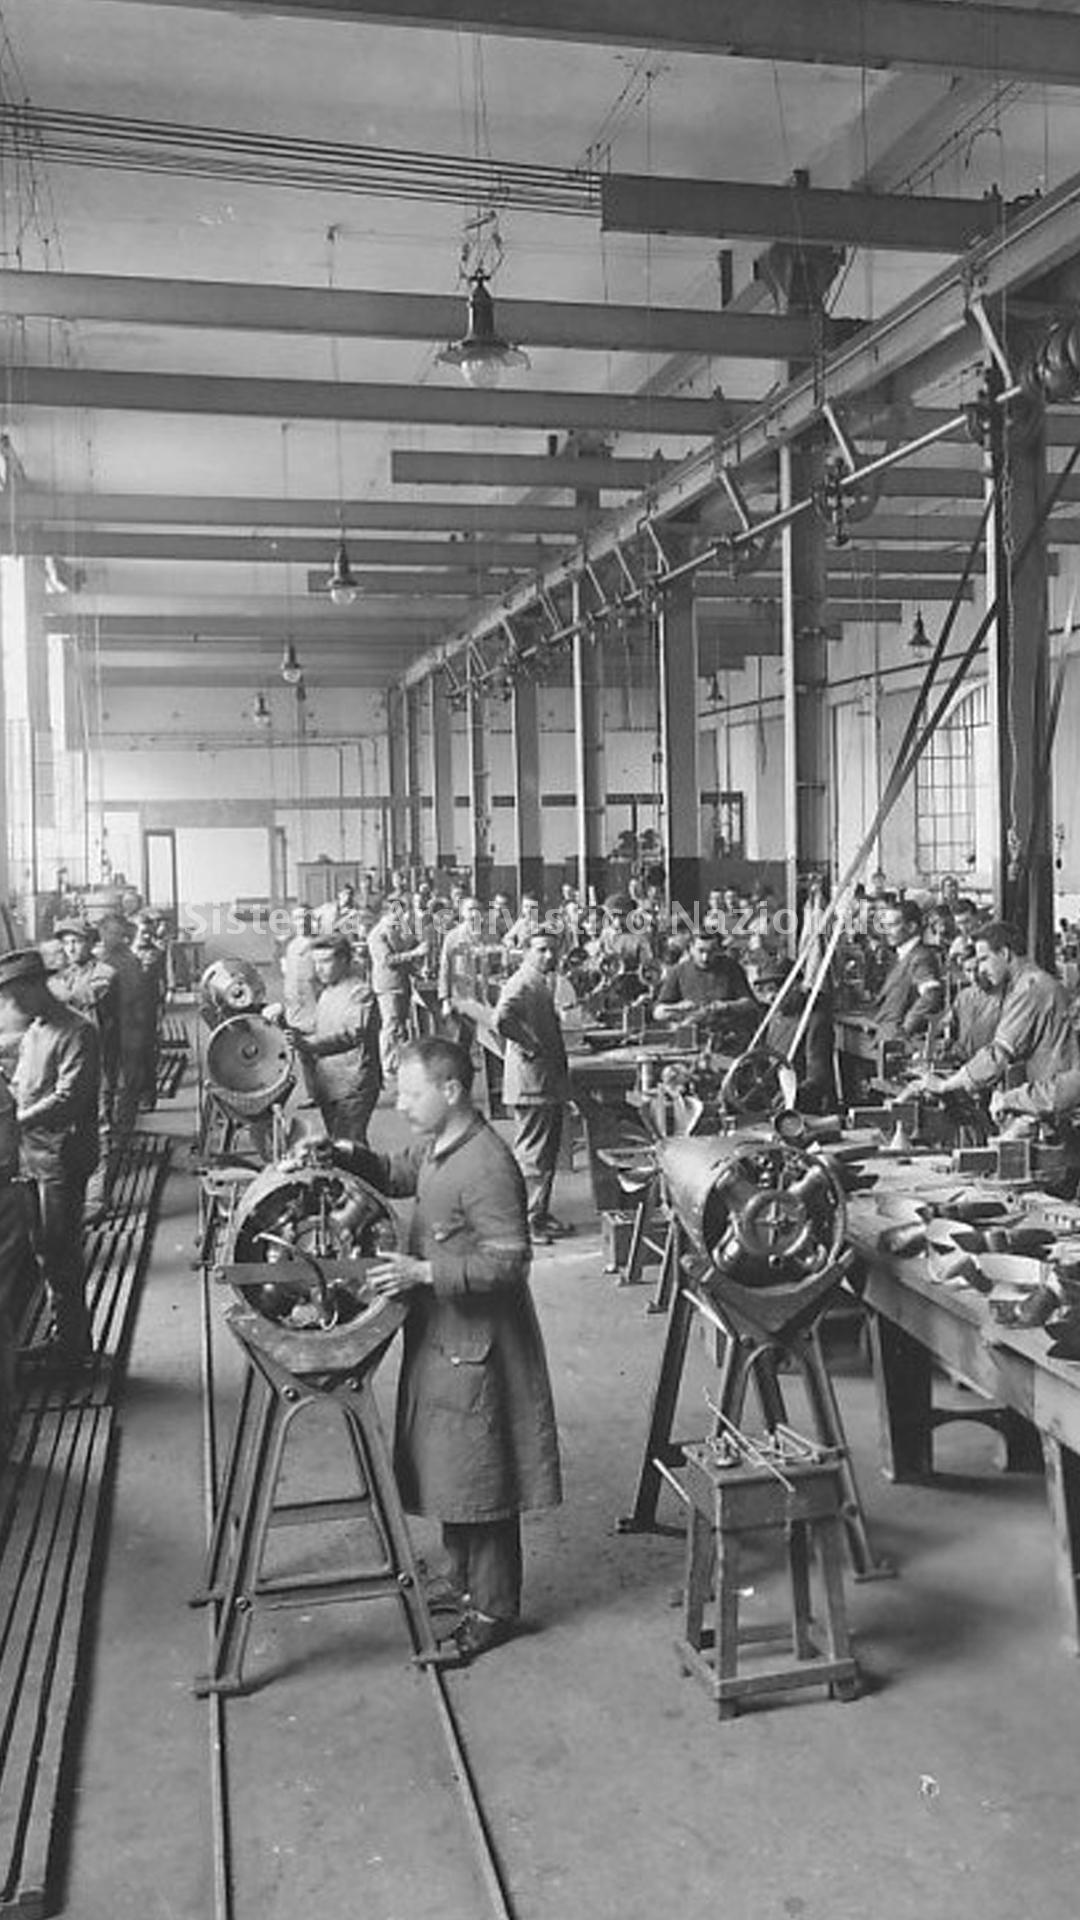 Operai della Breda al lavoro nel reparto di produzione di siluri durante la Prima guerra mondiale, 1915-1918 (Fondazione Isec, fondo Breda)